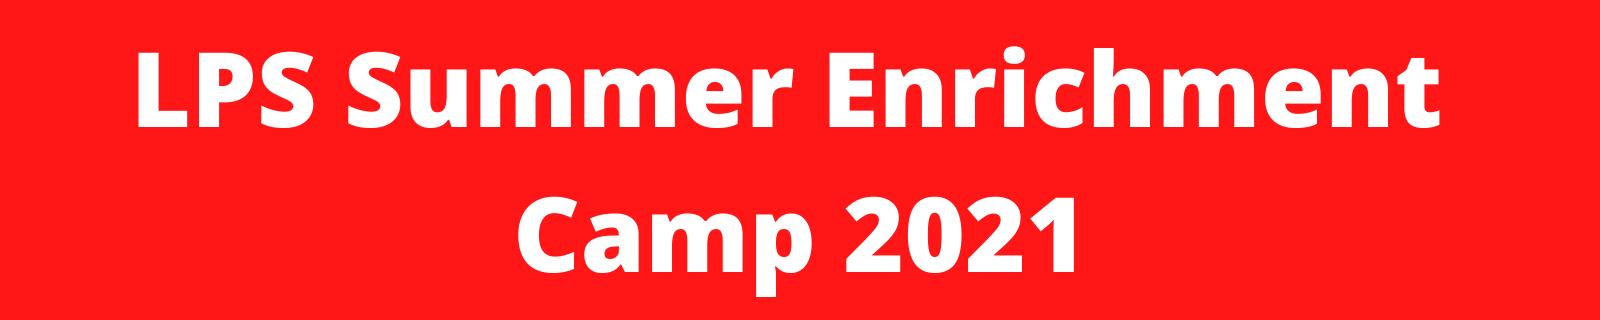 LPS Summer Enrichment Camp 2021